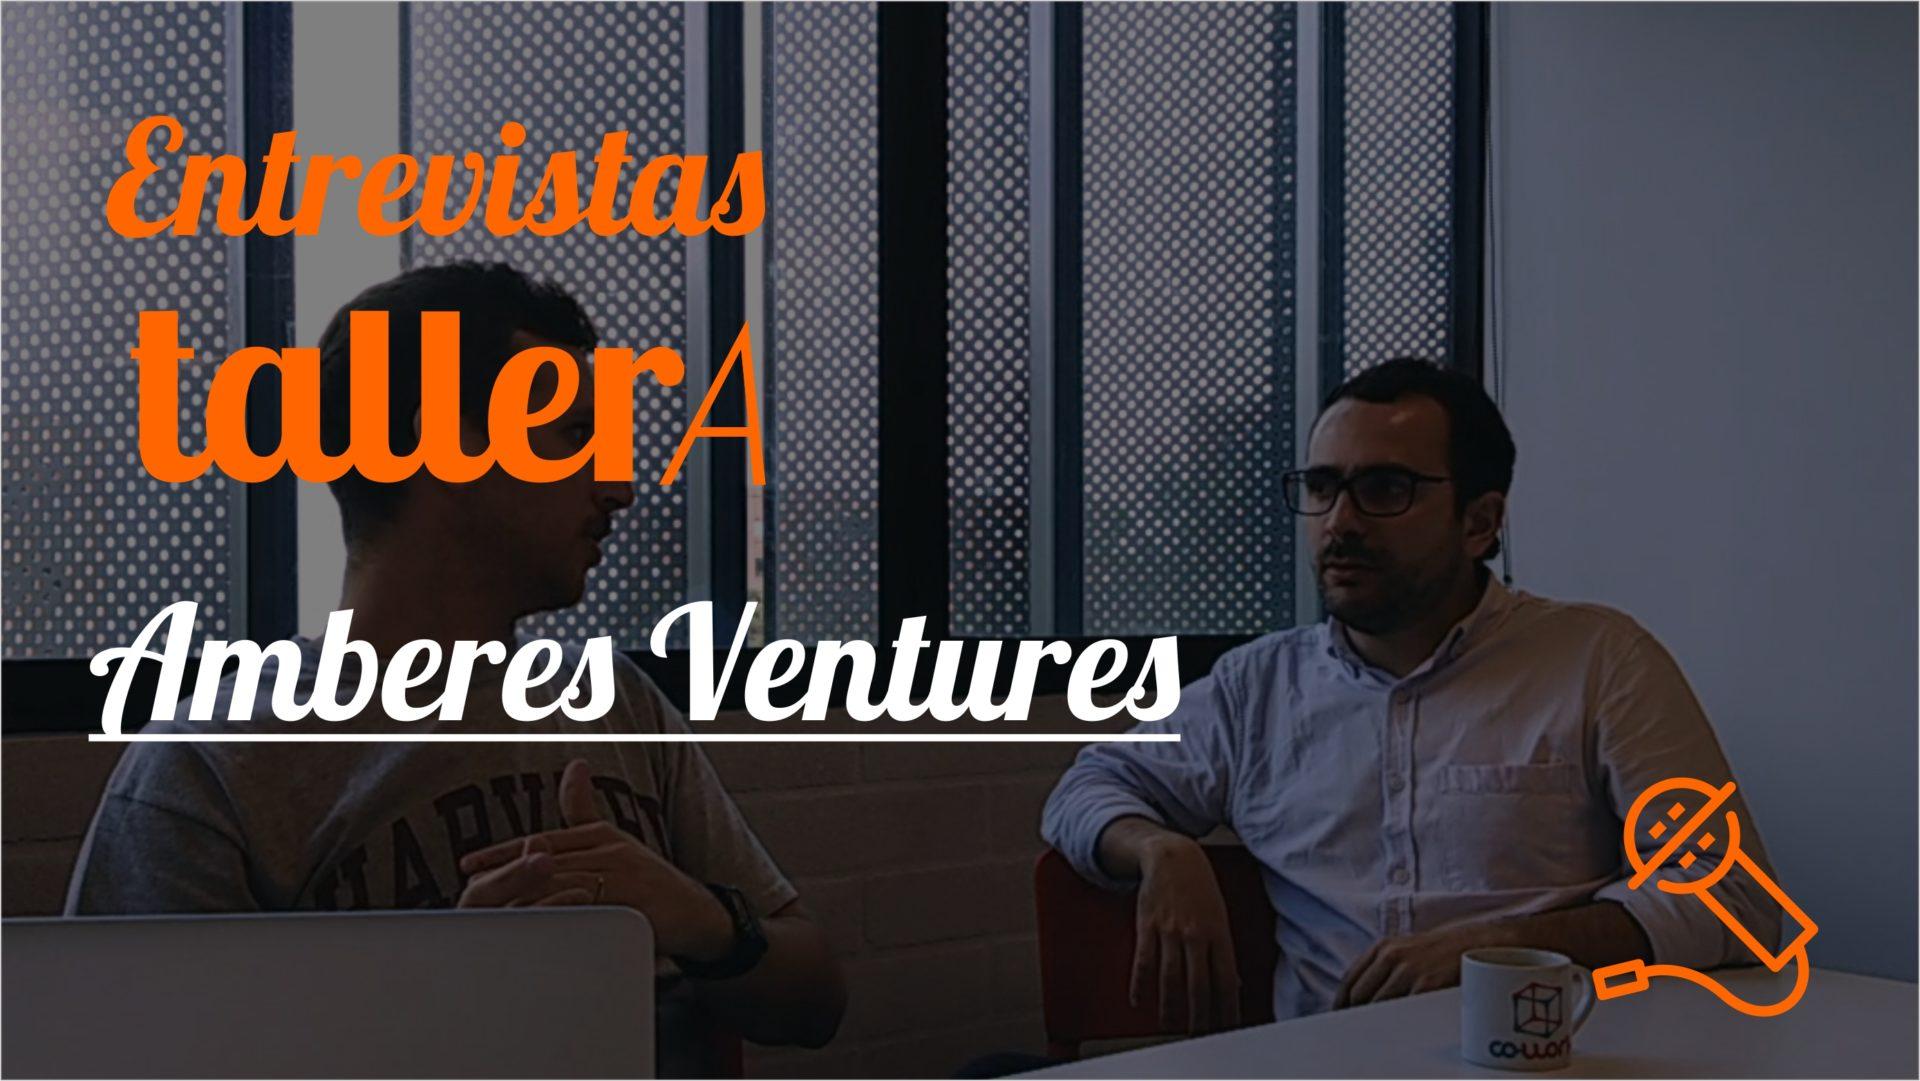 Entrevista con Amberes Ventures - Argentinos, uruguayos y colombianos. Gente buena que confía en los emprendedores es el grupo creador de Amberes Ventures; Un mini fondo de inversión con foco en el sector gastronómico que busca por medio de capital semilla y un programa de aceleración agregar valor entre otras cosas en planeación estratégica, marketing, innovación y por supuesto legal, punto clave donde entra Taller A.